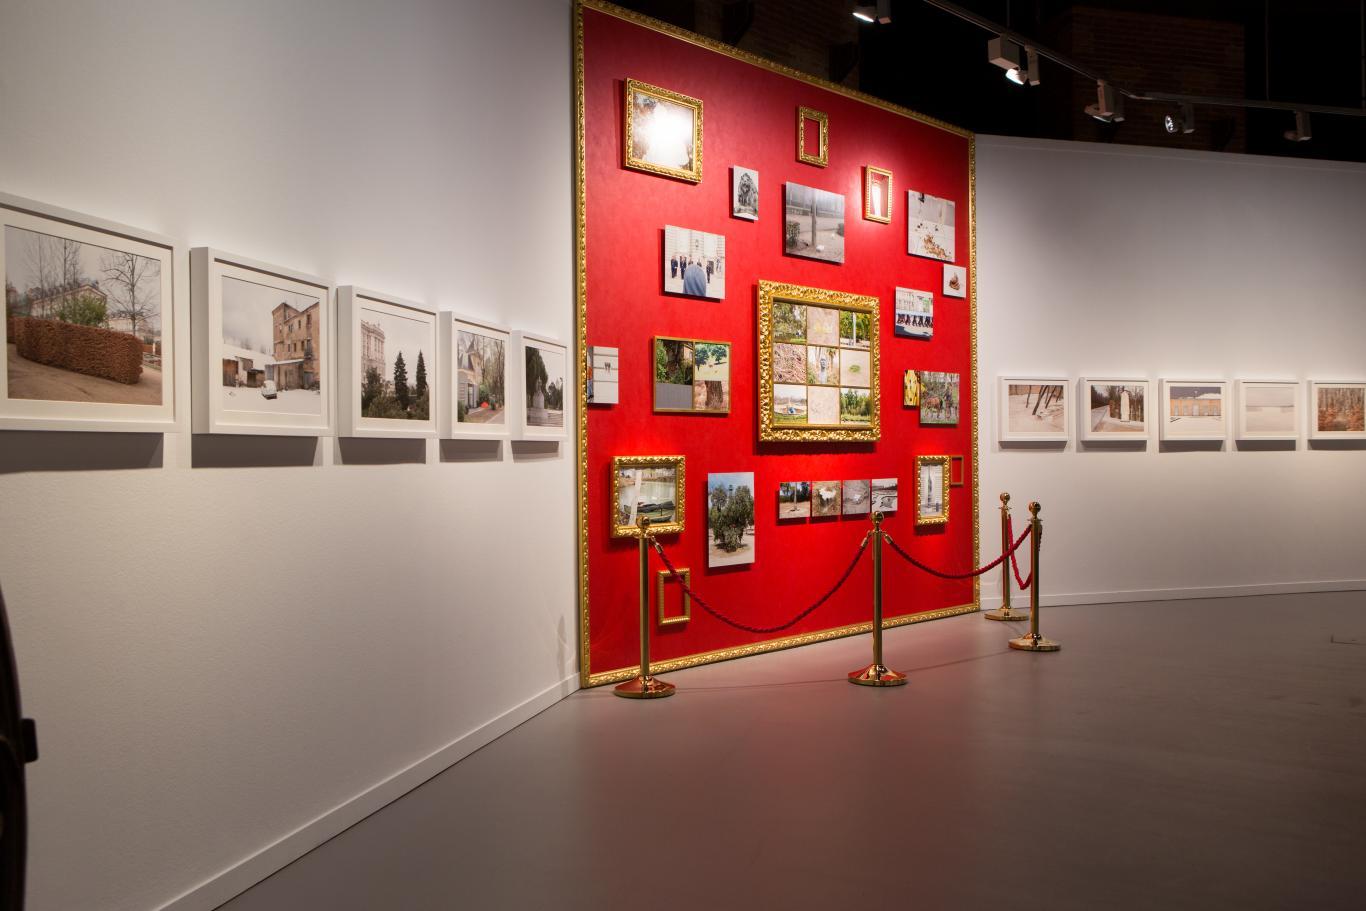 Tres paredes de la sala canal con fotografías dispuestas de varias maneras y con fondos de color distintos